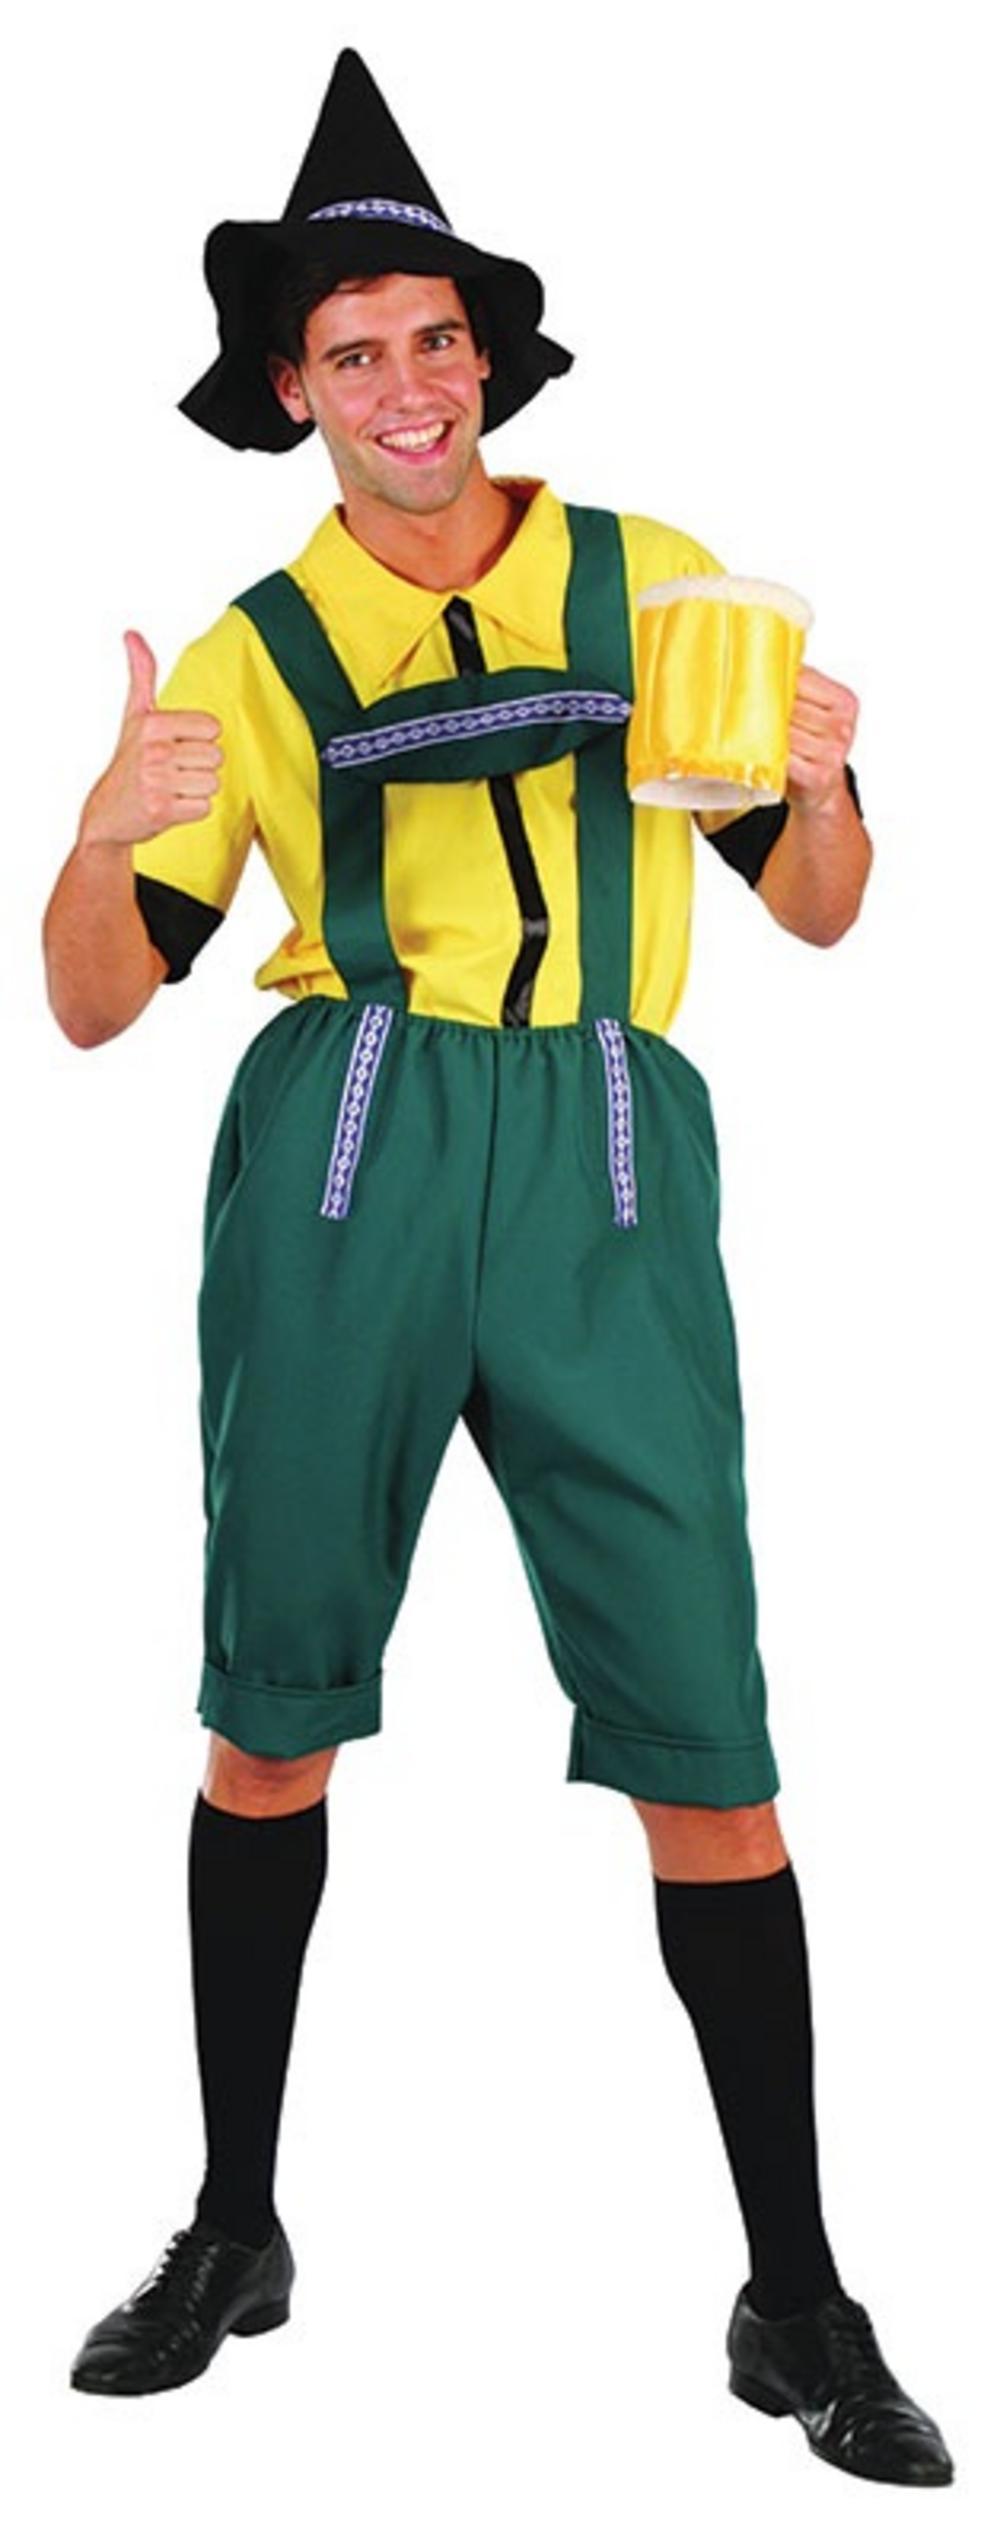 Bavarian Lederhosen Man Costume